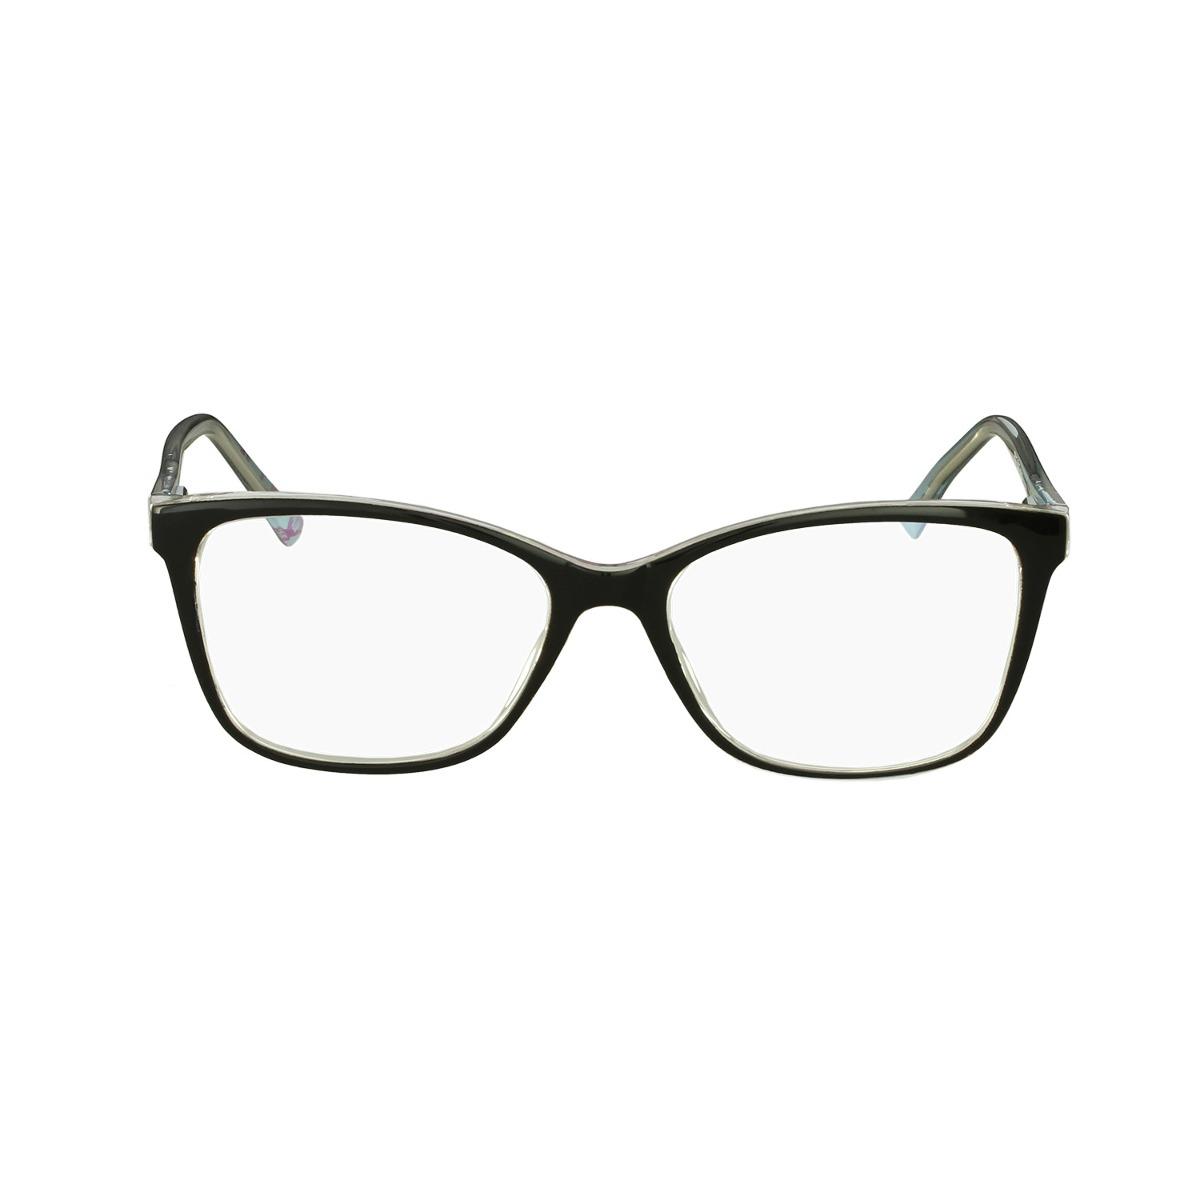 Óculos De Grau Sabrina Sato Casual Preto - R  350,00 em Mercado Livre 5fa5339b91